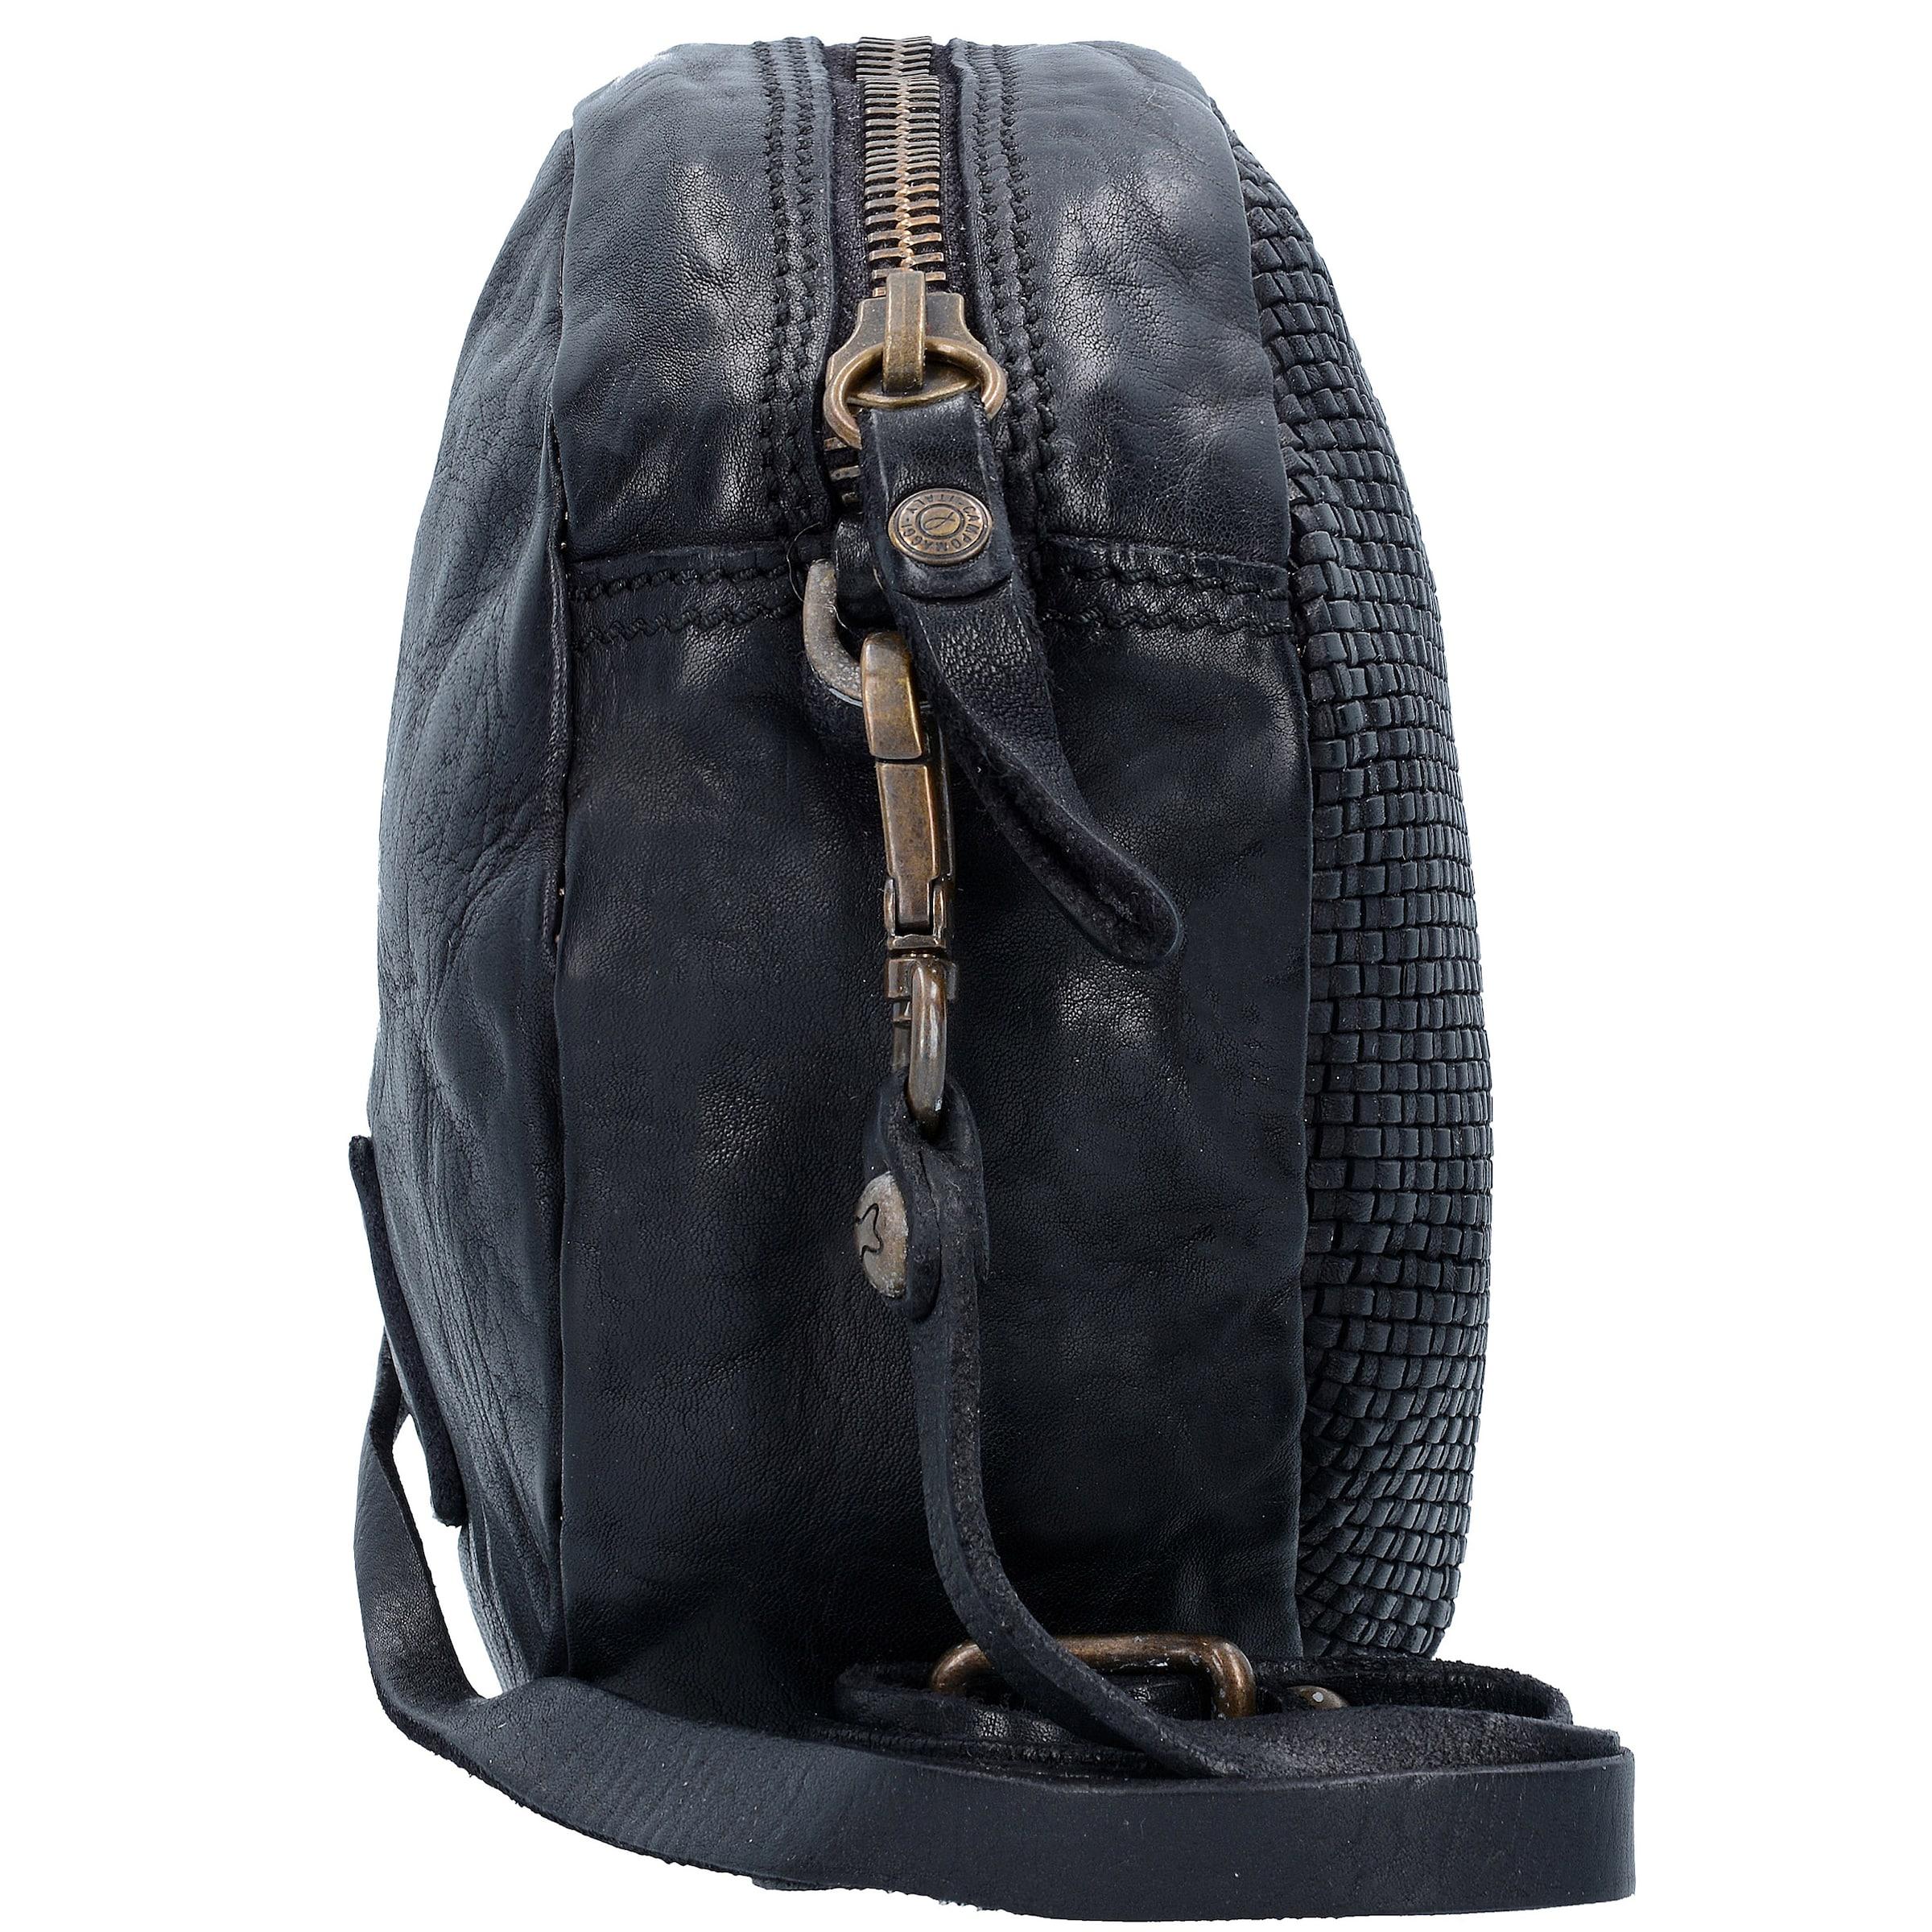 Campomaggi Prestige Edera Mini Bag Umhängetasche Leder 18 cm Hohe Qualität Günstig Online Freies Verschiffen Sneakernews Zuverlässig Günstig Online Spielraum Fälschung Beliebte Online iWVUO